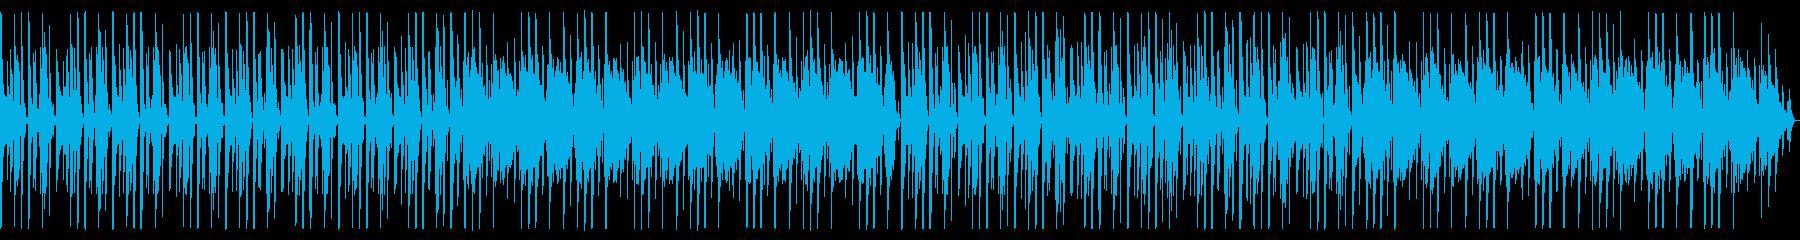 レースゲーム向けテクノの再生済みの波形